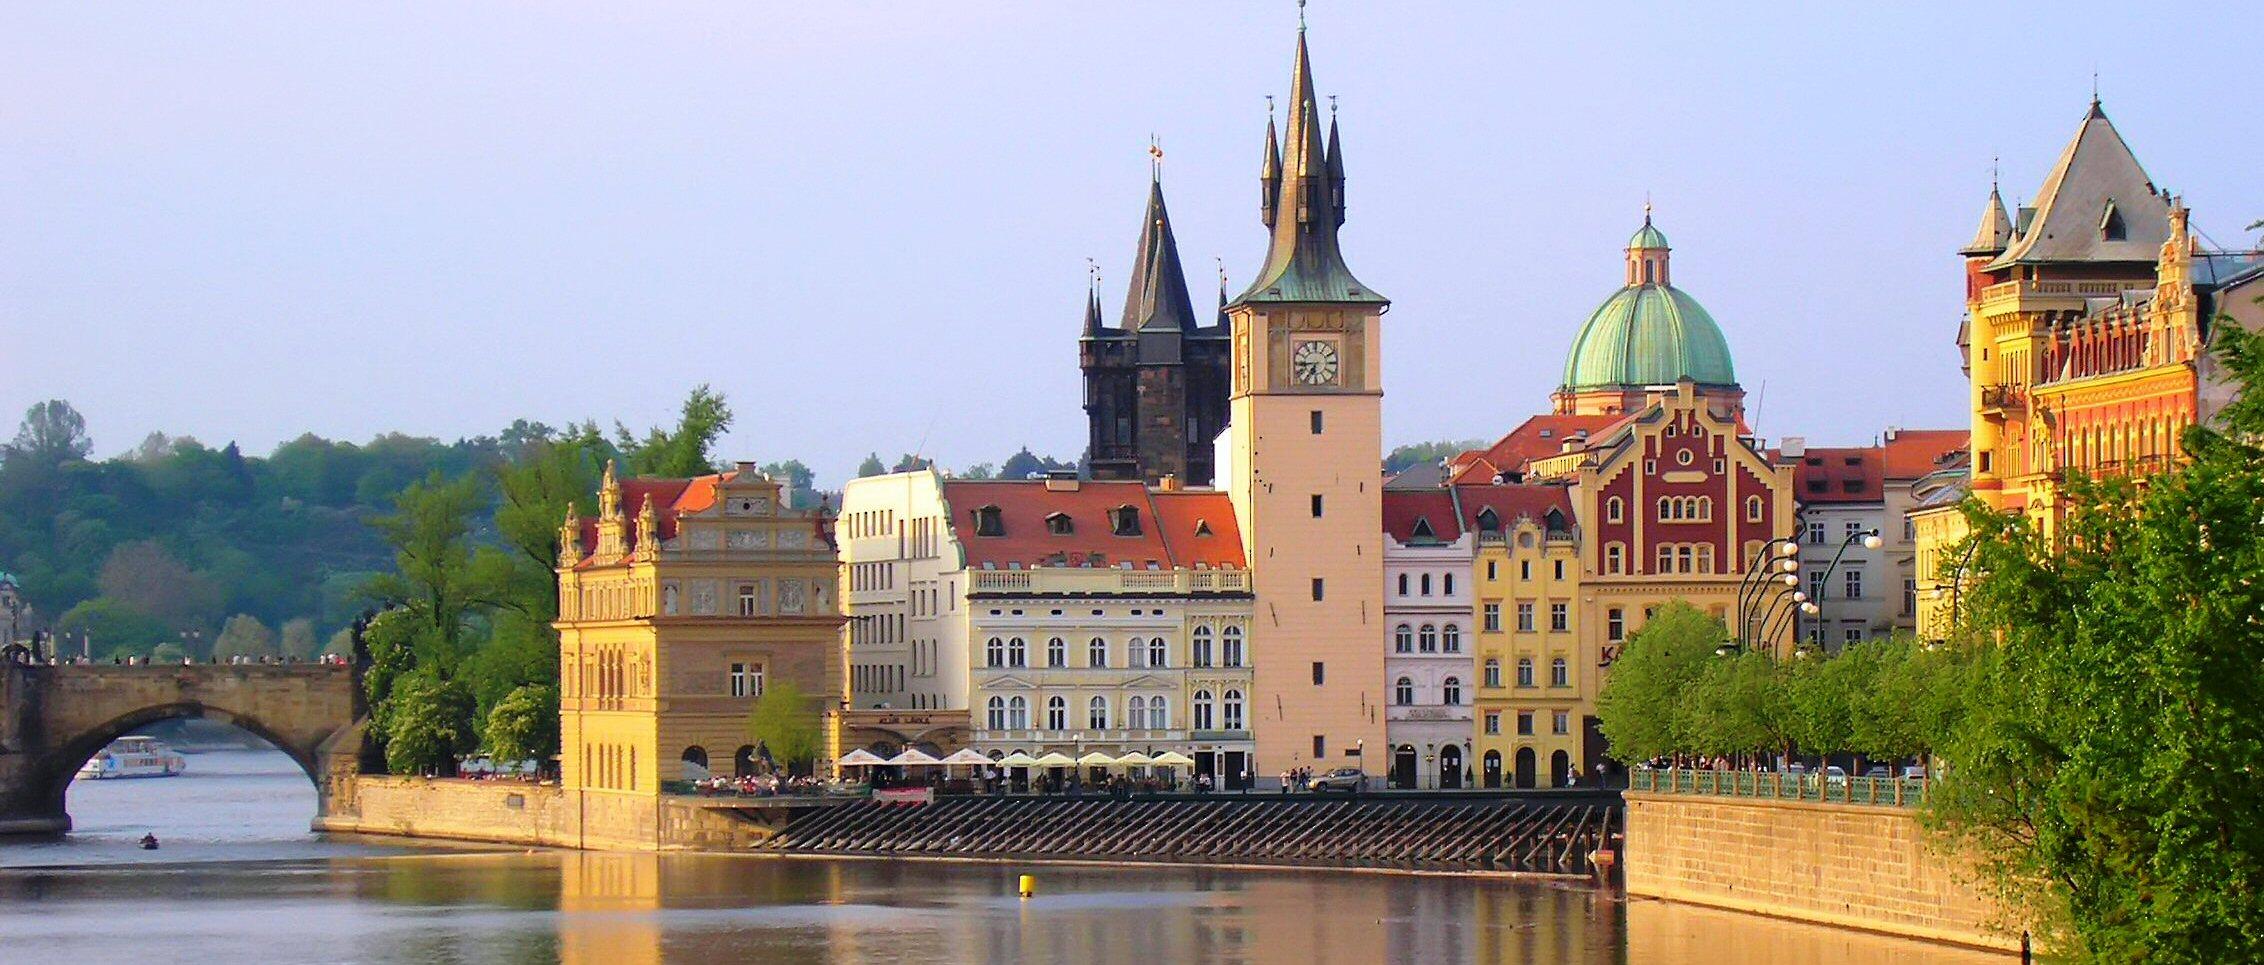 Стоимость сигарет в Чехии